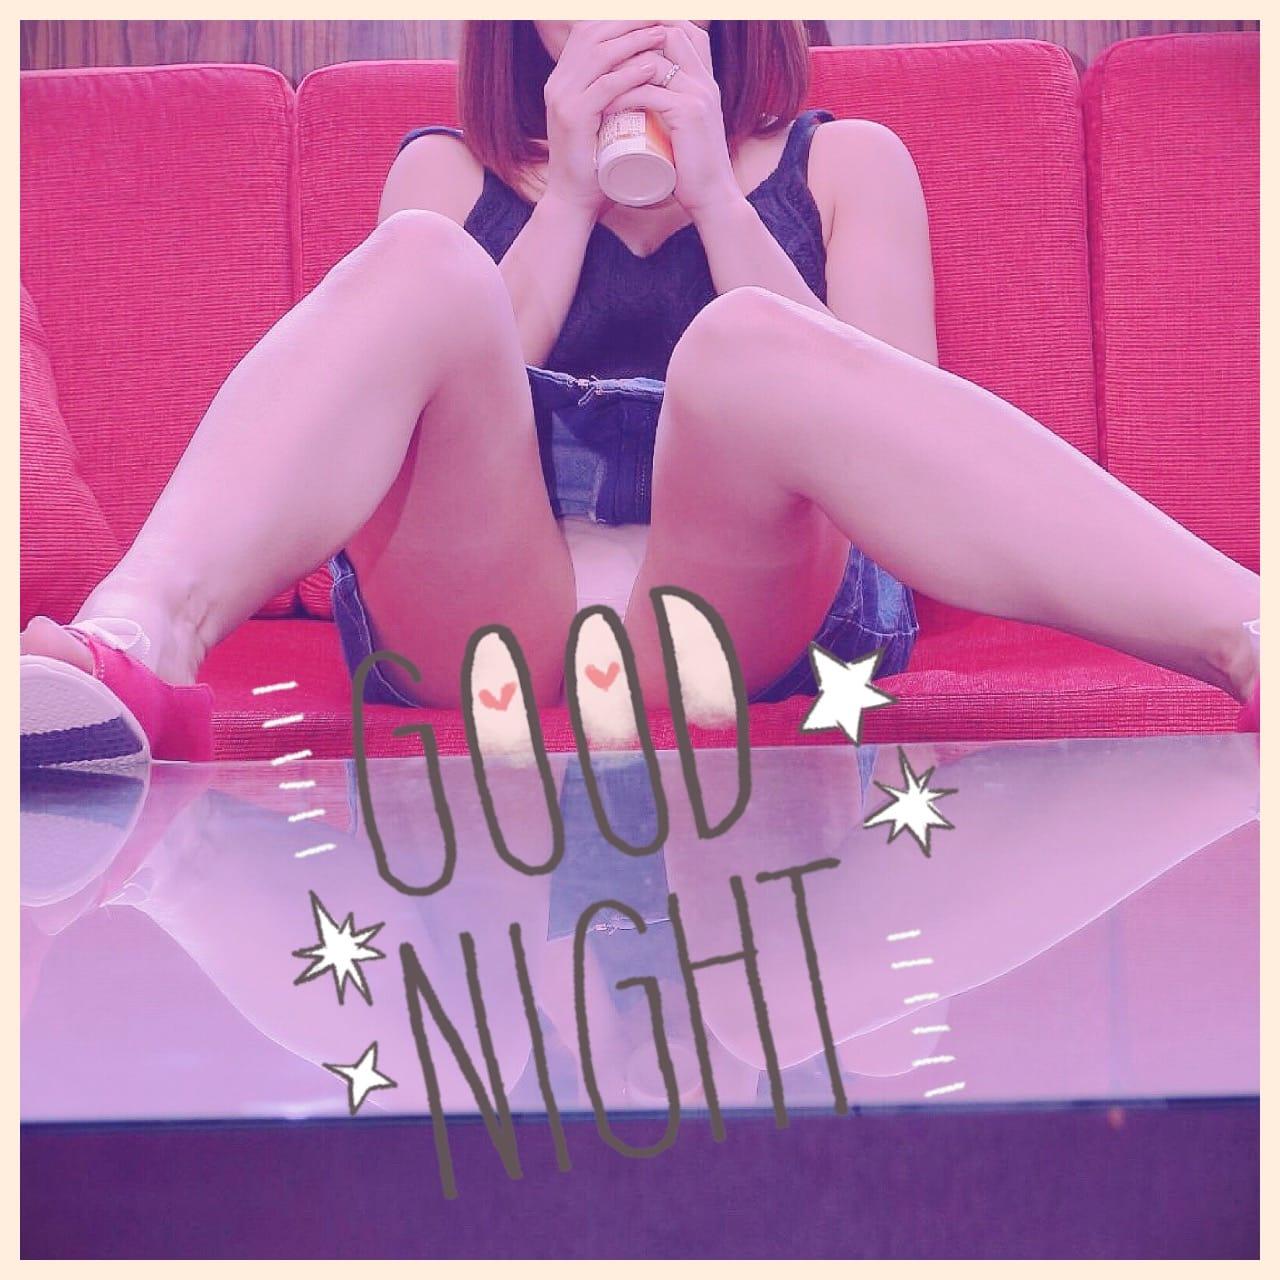 「長かったぁ〜」04/20(04/20) 21:00 | れいなの写メ・風俗動画